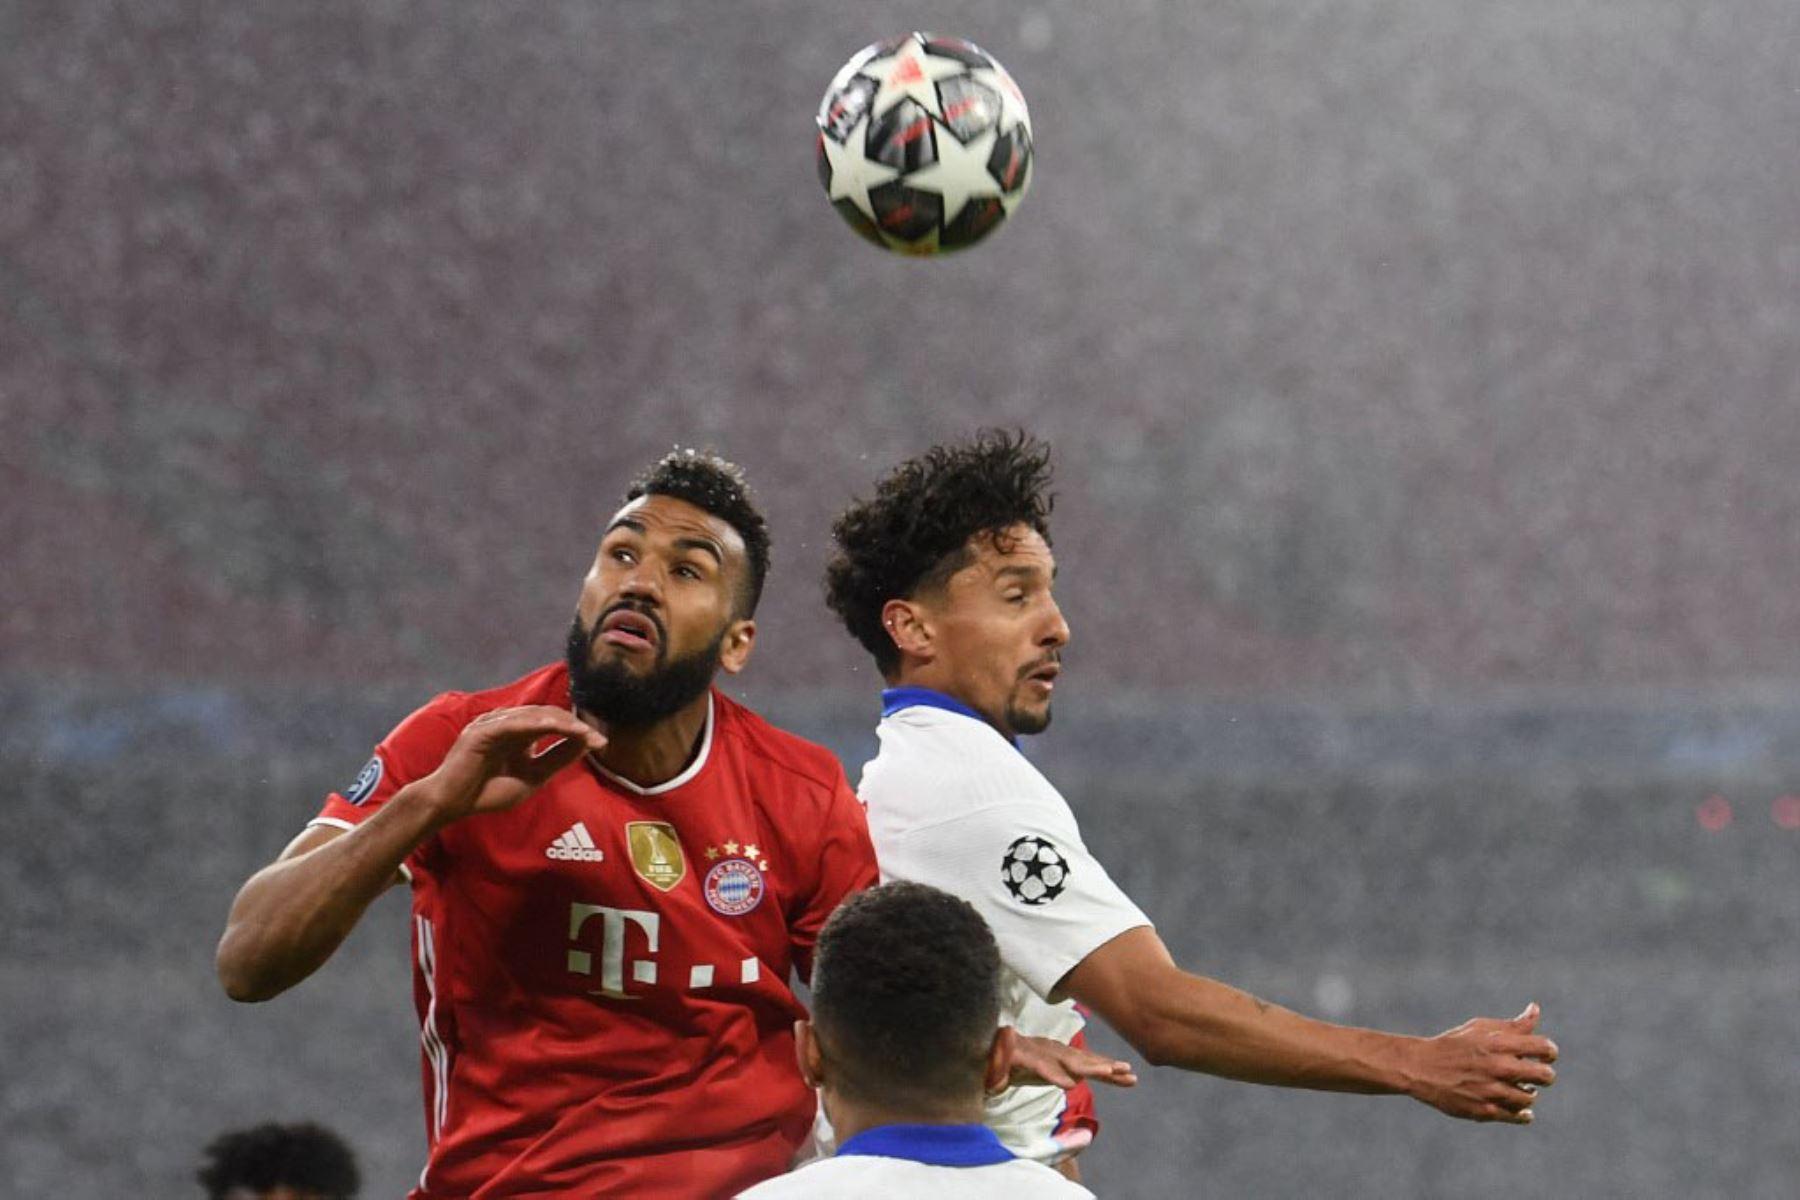 El delantero camerunés del Bayern de Múnich Eric Maxim Choupo-Moting (L) y el defensor brasileño del Paris Saint-Germain Marquinhos saltan a la cabeza durante el partido de ida de cuartos de final de la Liga de Campeones de la UEFA entre el FC Bayern de Múnich y el Paris Saint-Germain.  Foto:AFP